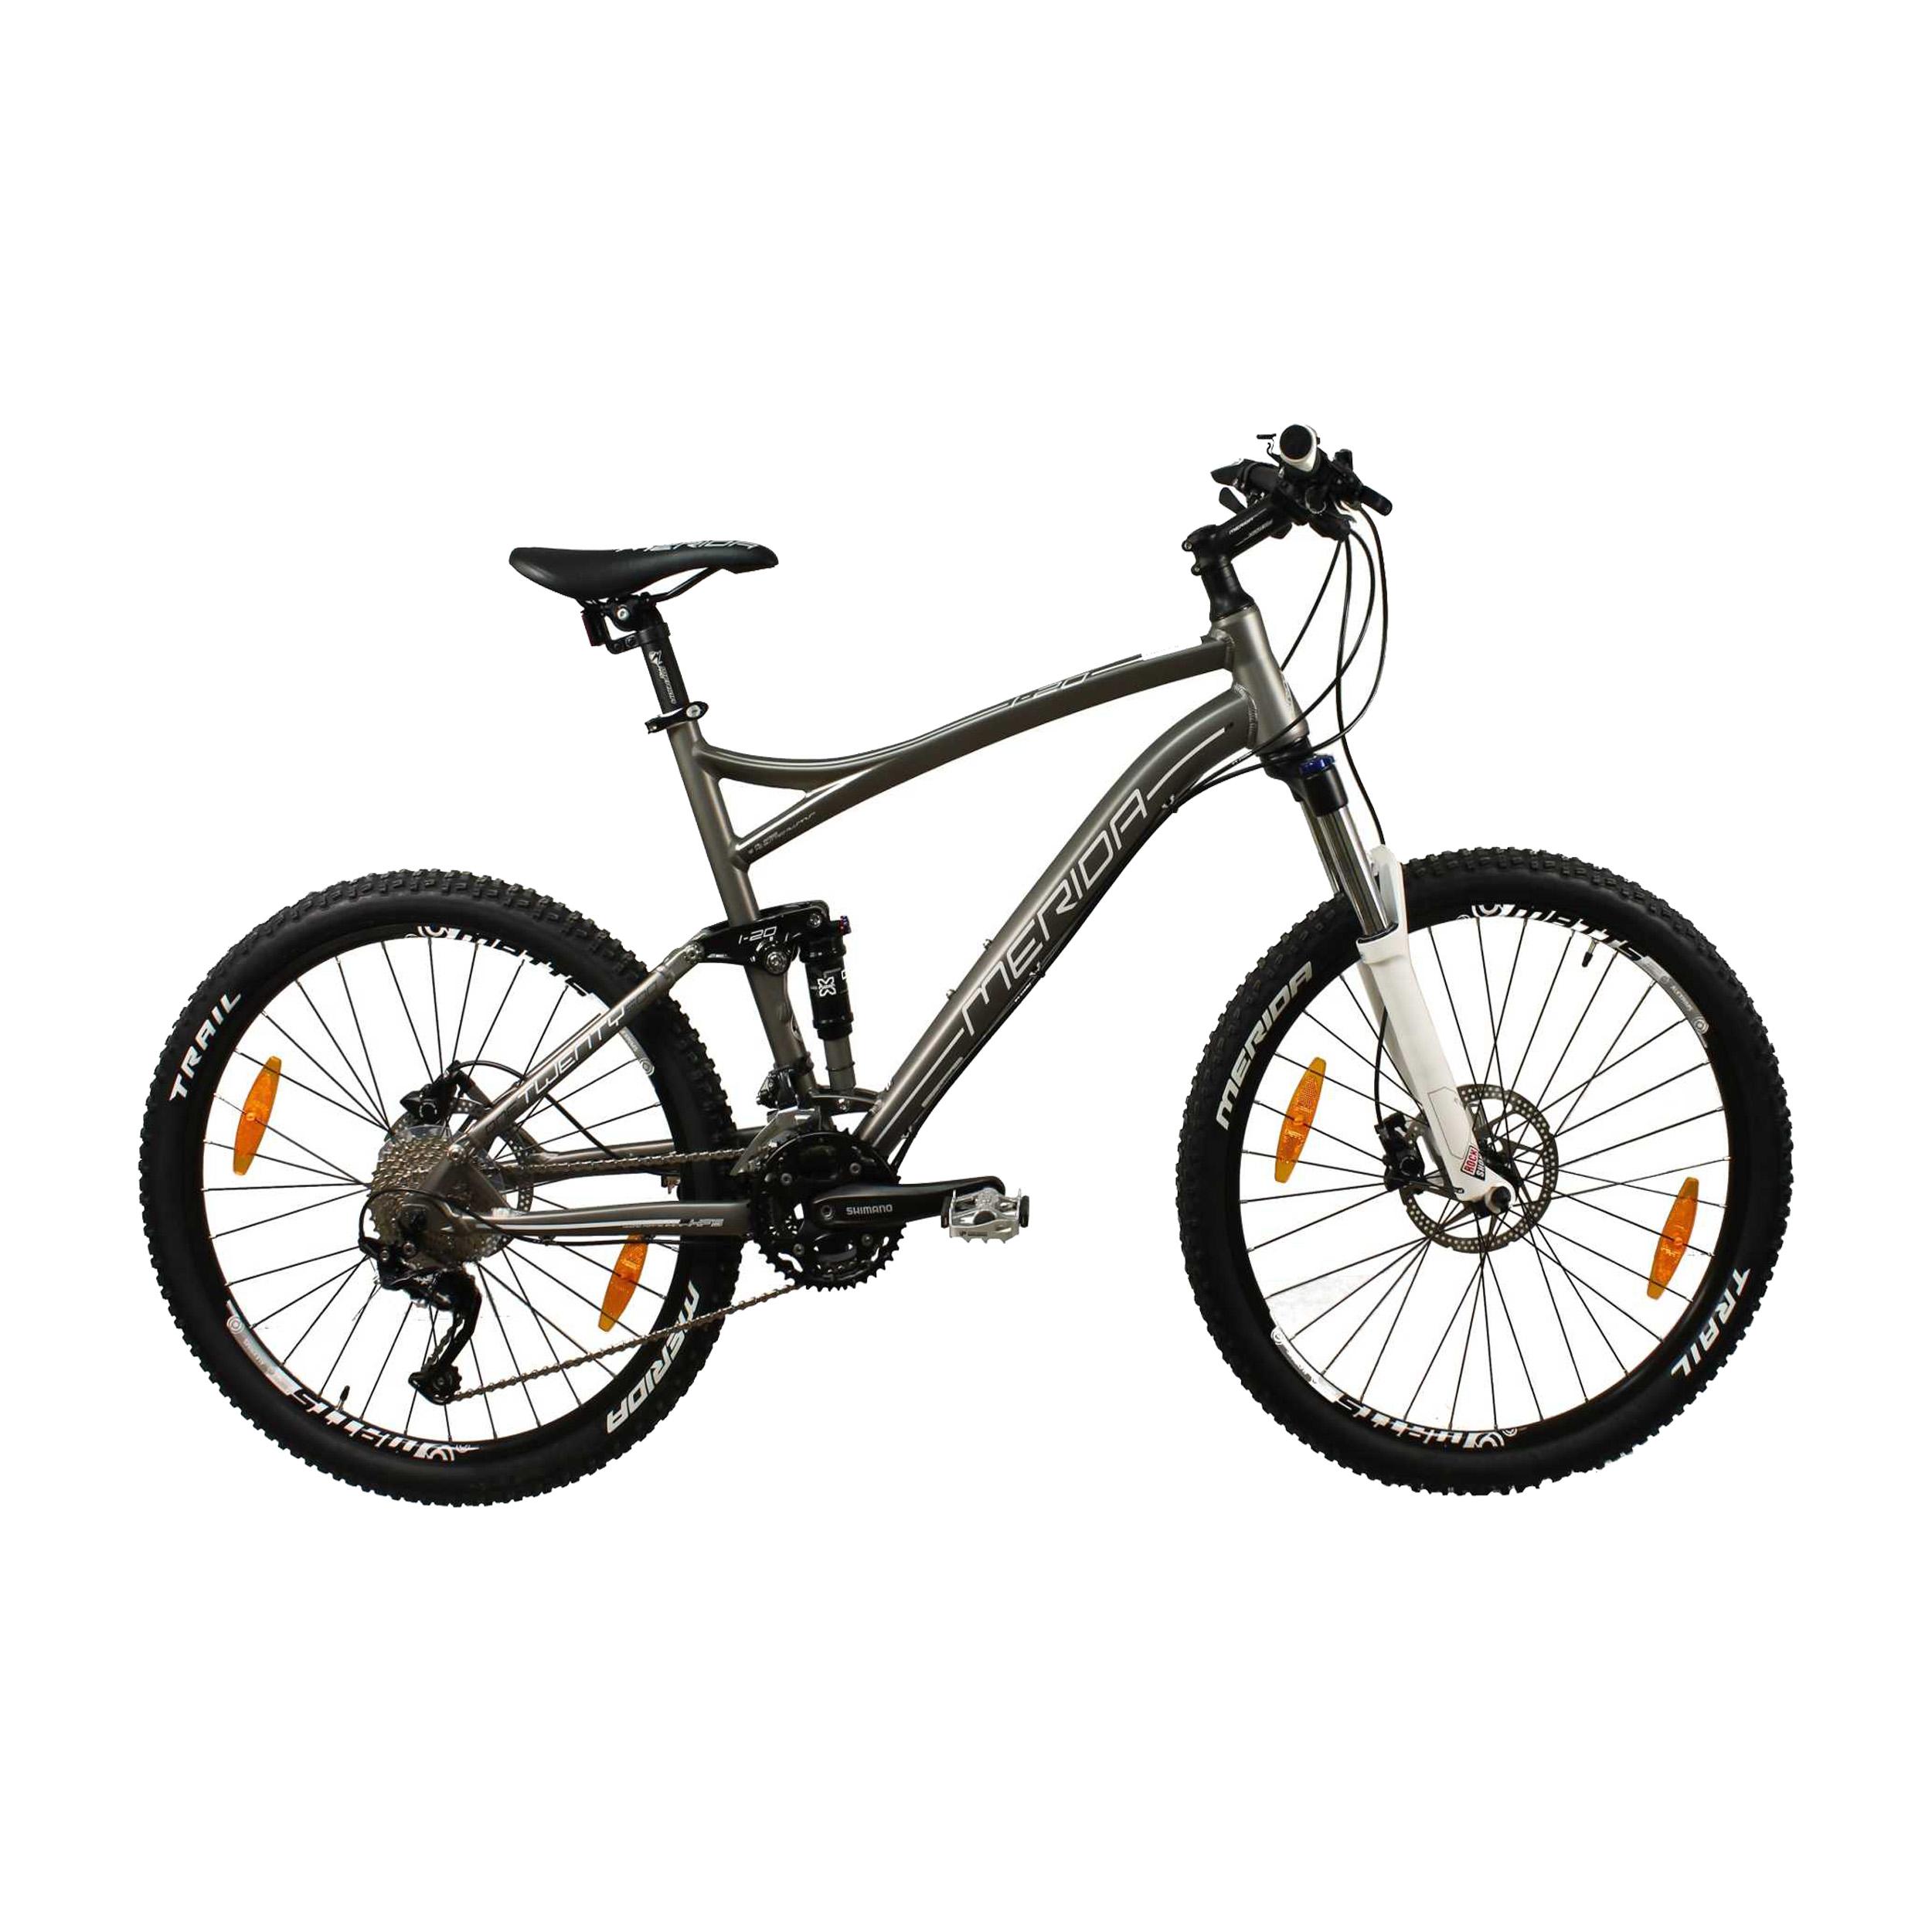 خرید                     دوچرخه کوهستان مریدا مدل ONE-TWENTY 500 D سایز 26